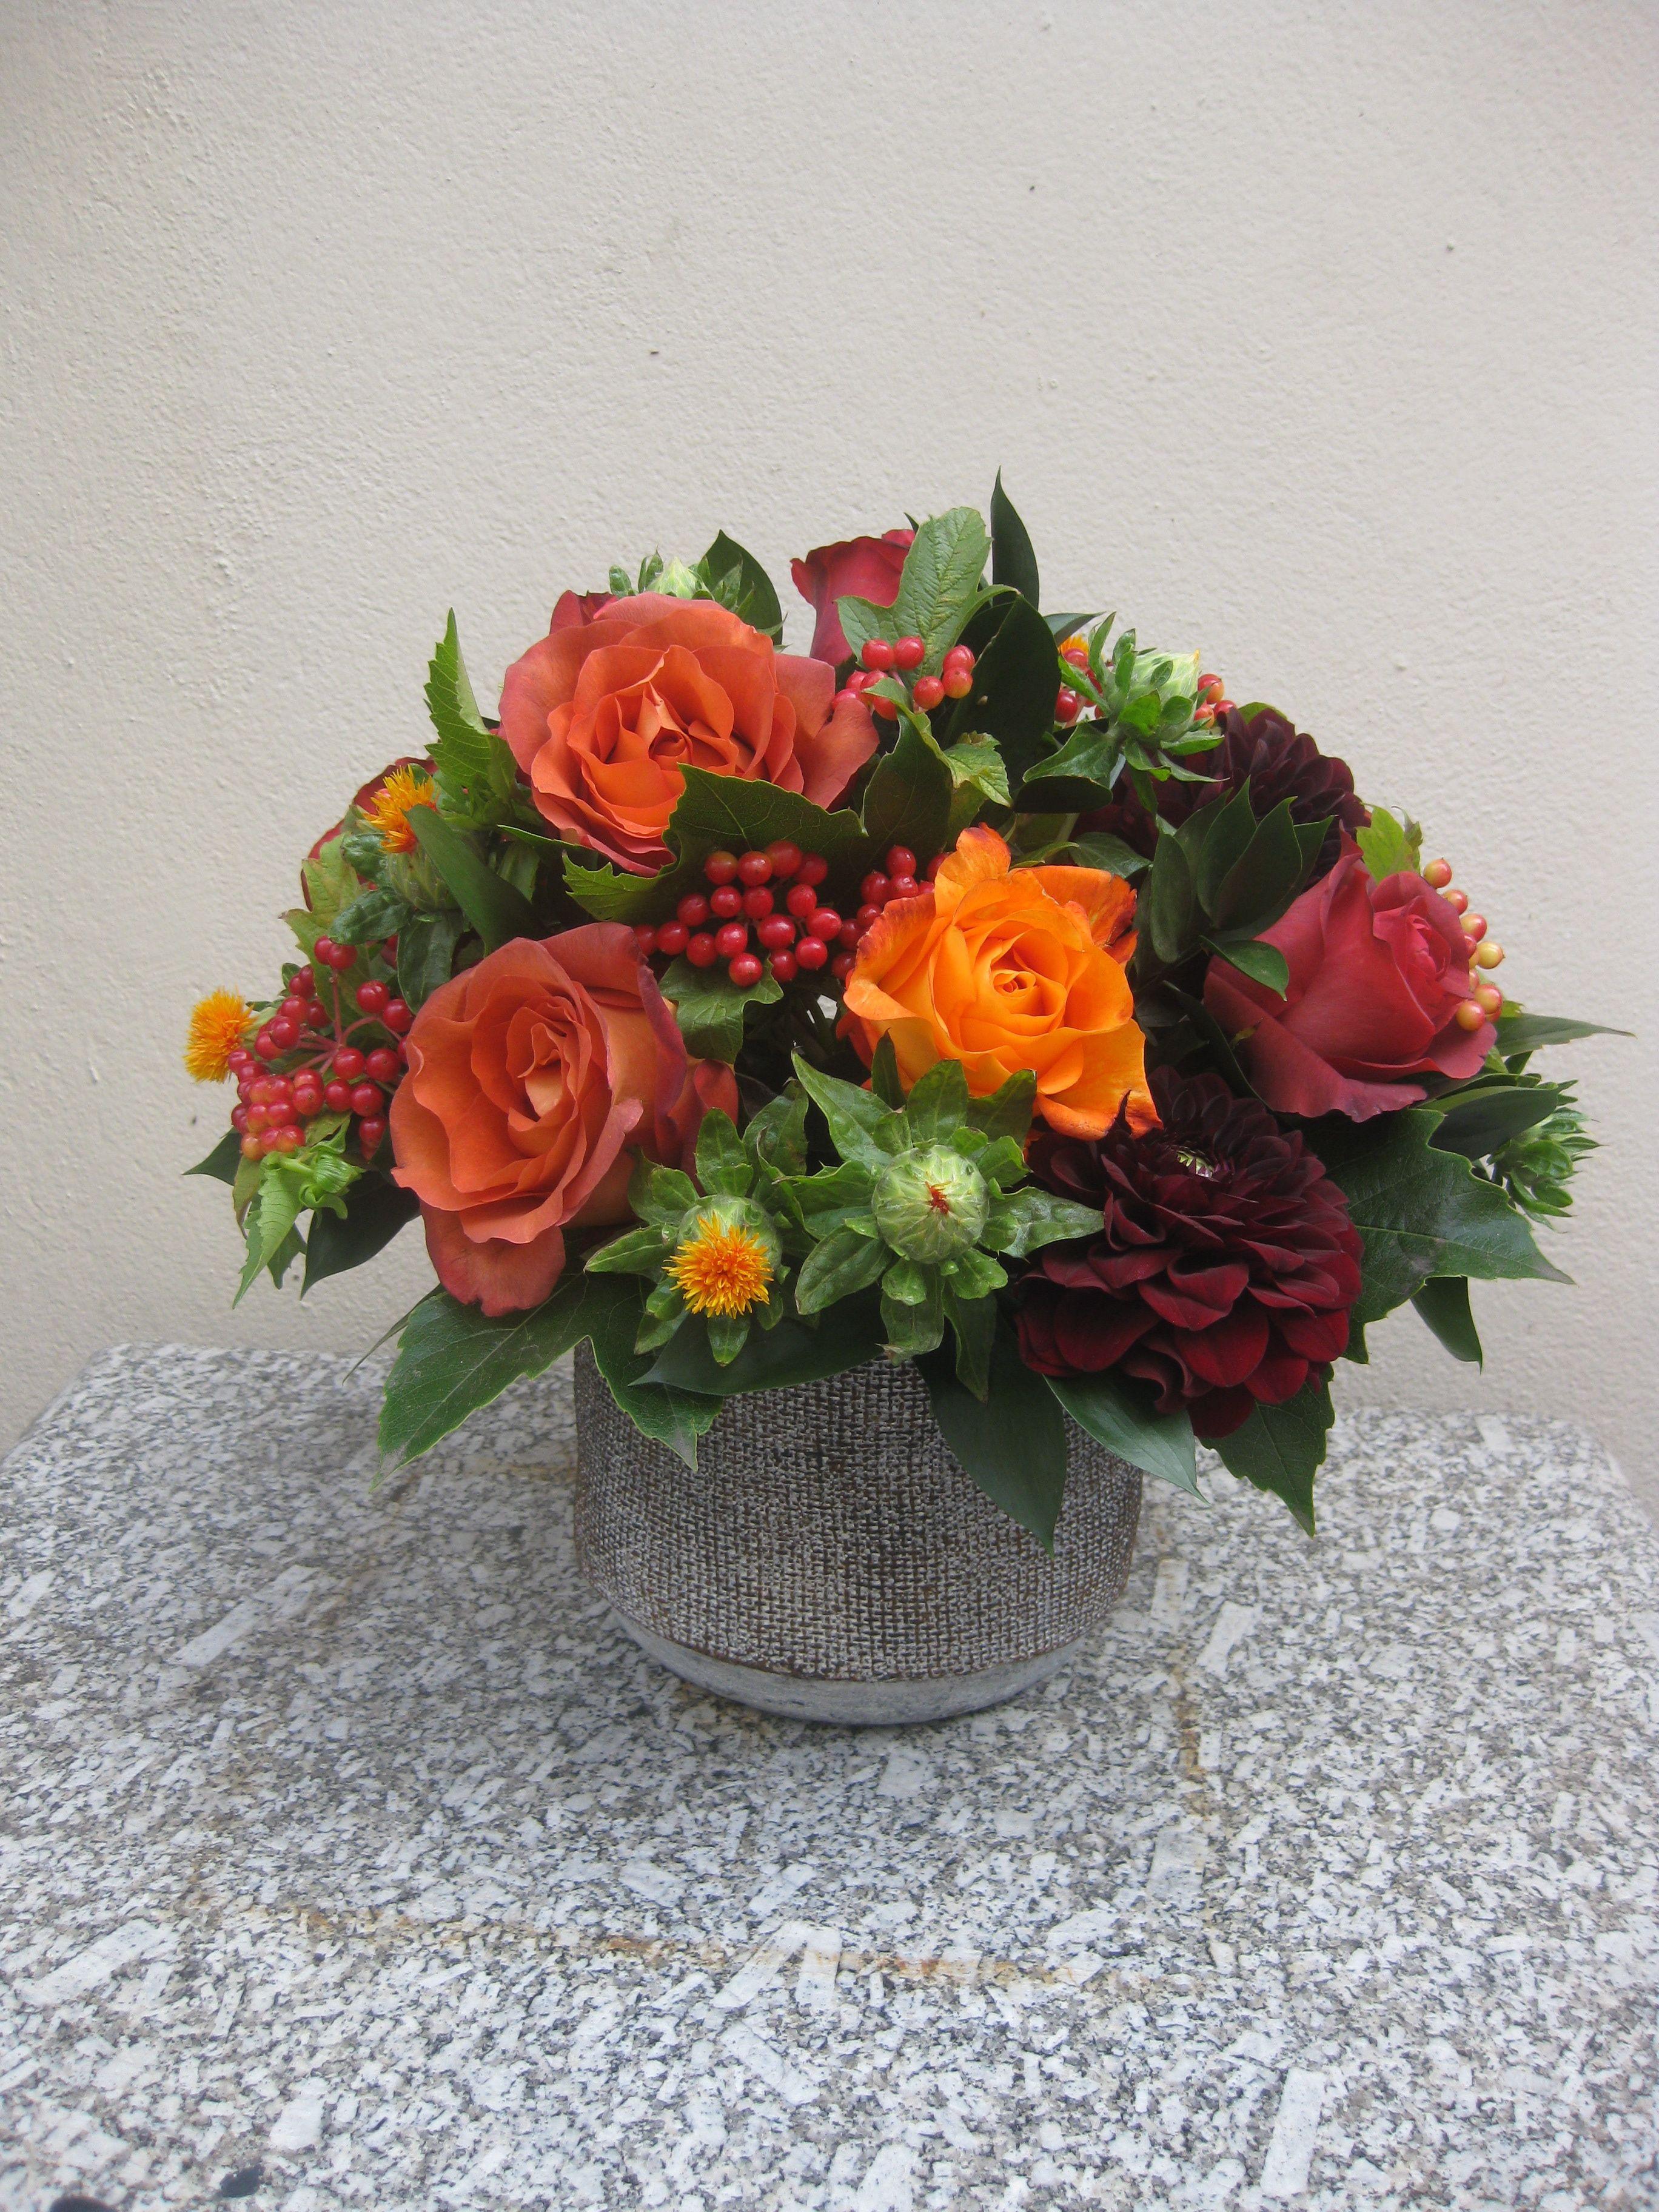 Autumnal flower arrangement of orange roses red dahlias